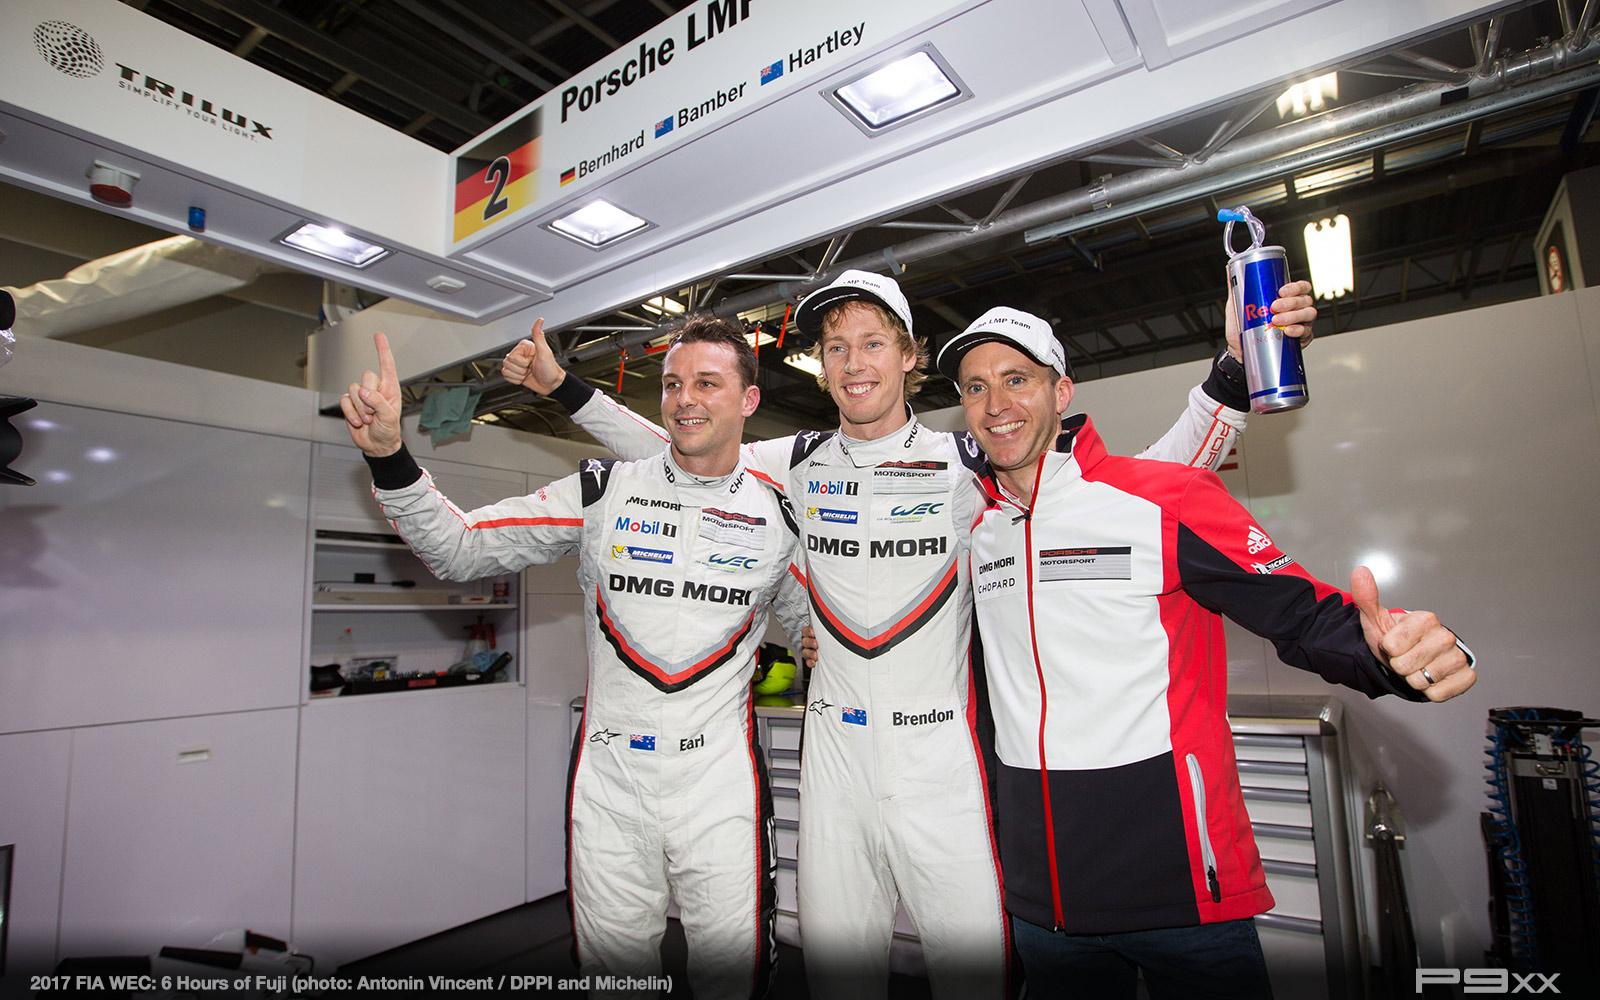 2017-FIA-WEC-6h-of-Fuji-Porsche-Fuji_02117011_1929309